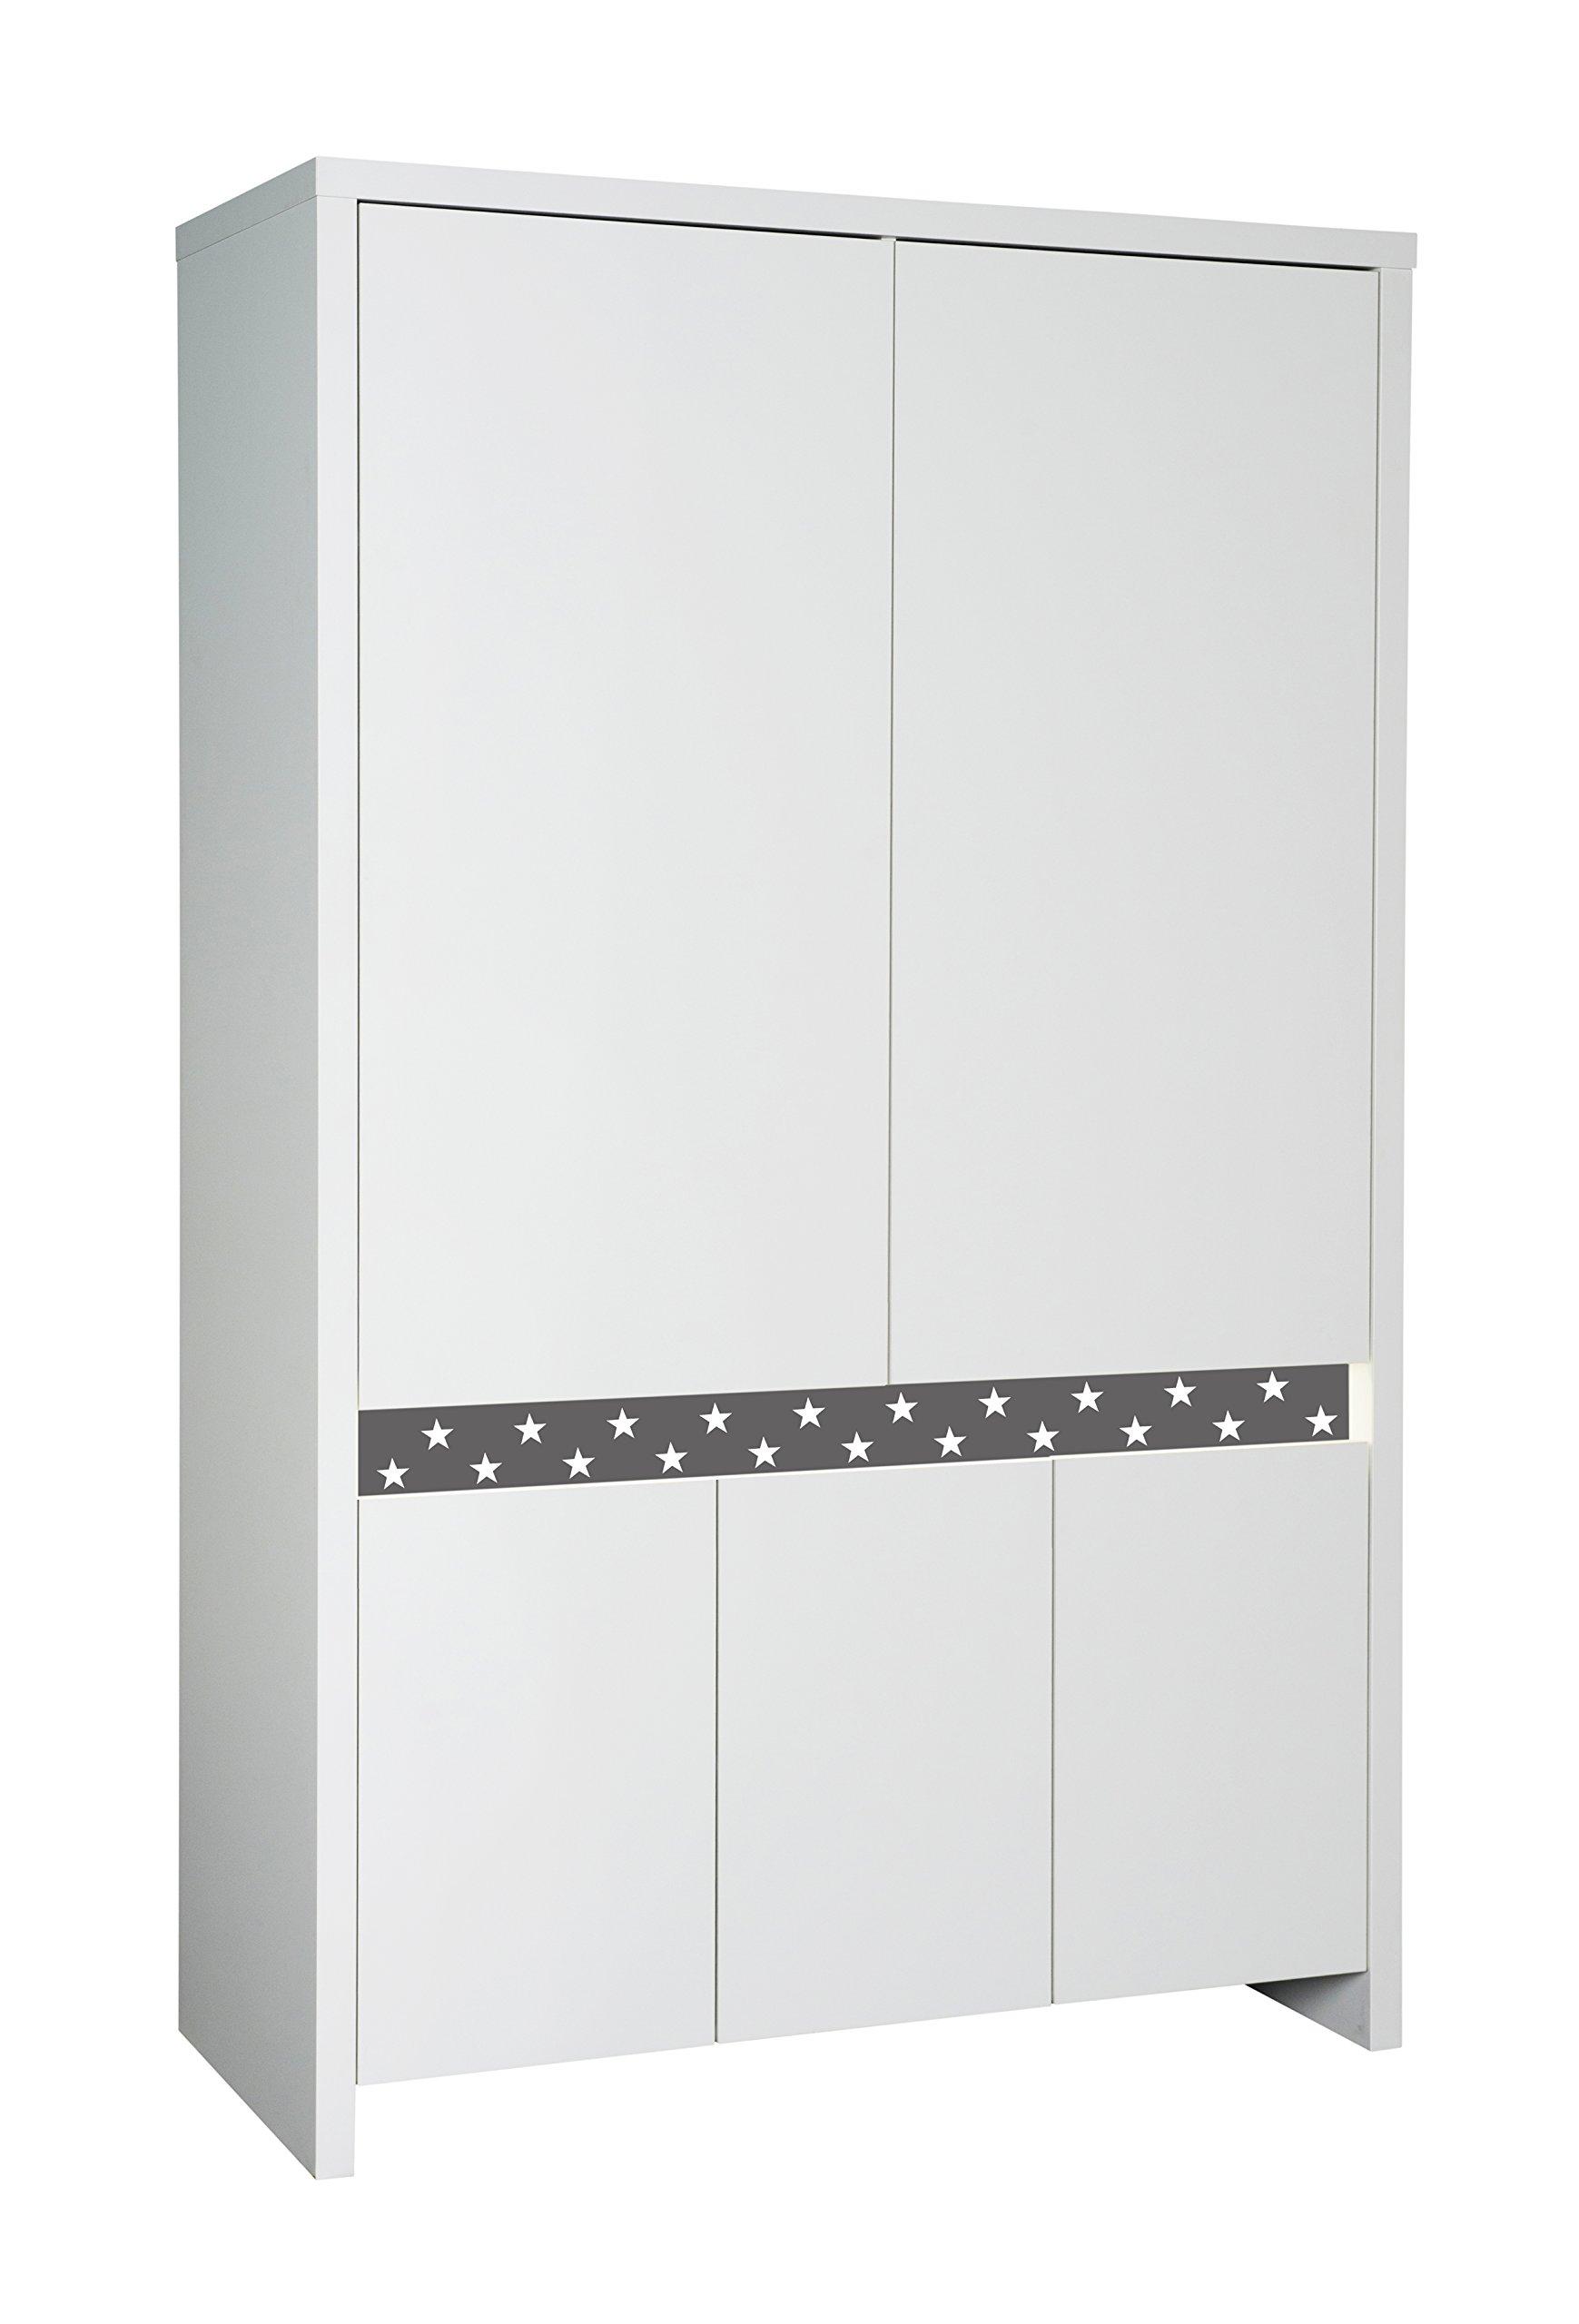 Schardt 069000266Bathroom Storage Cabinet  GEORG SCHARDT KG - DROPSHIP